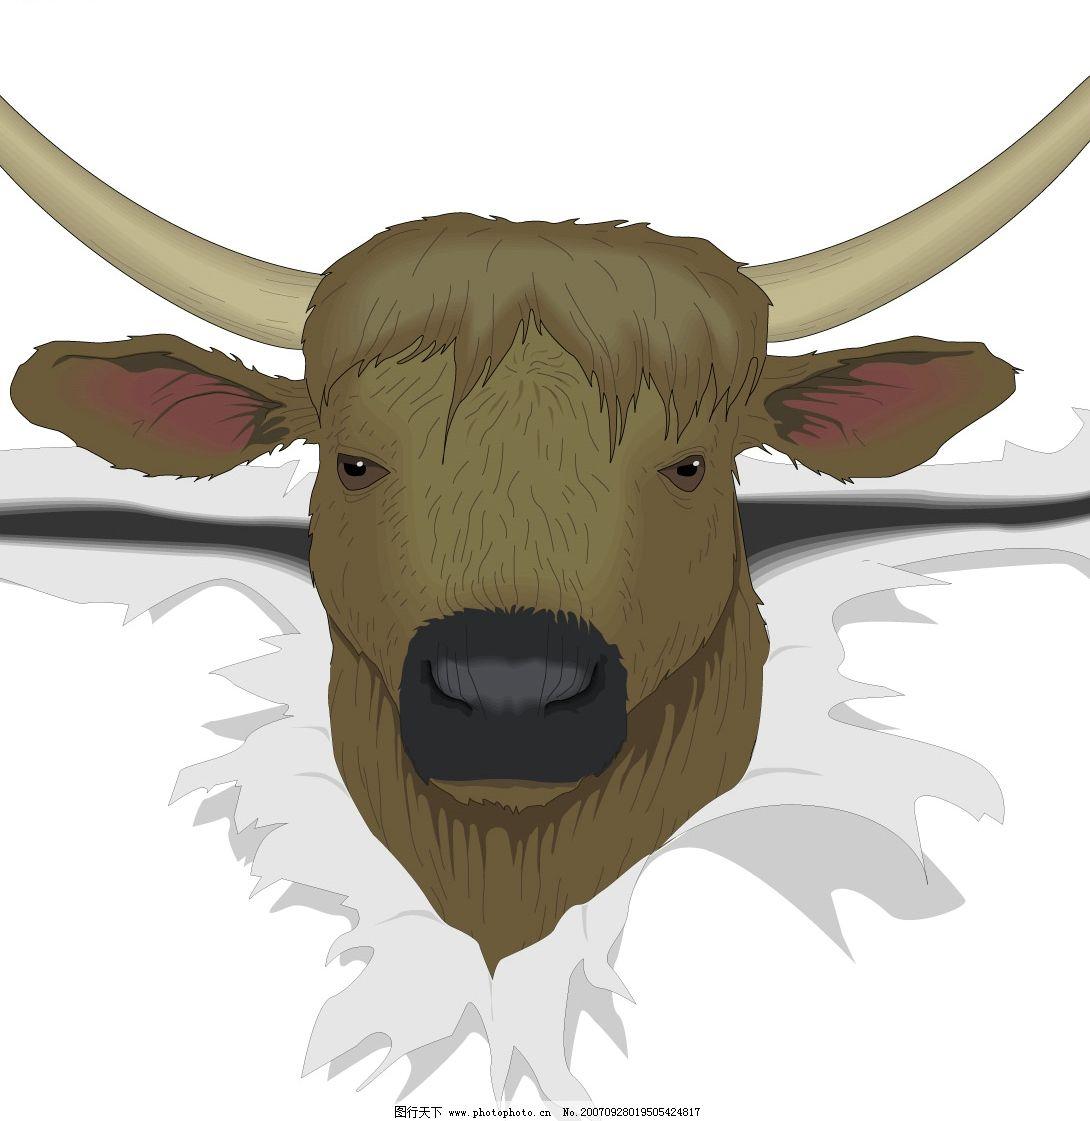 苏州玉雕大师牛头